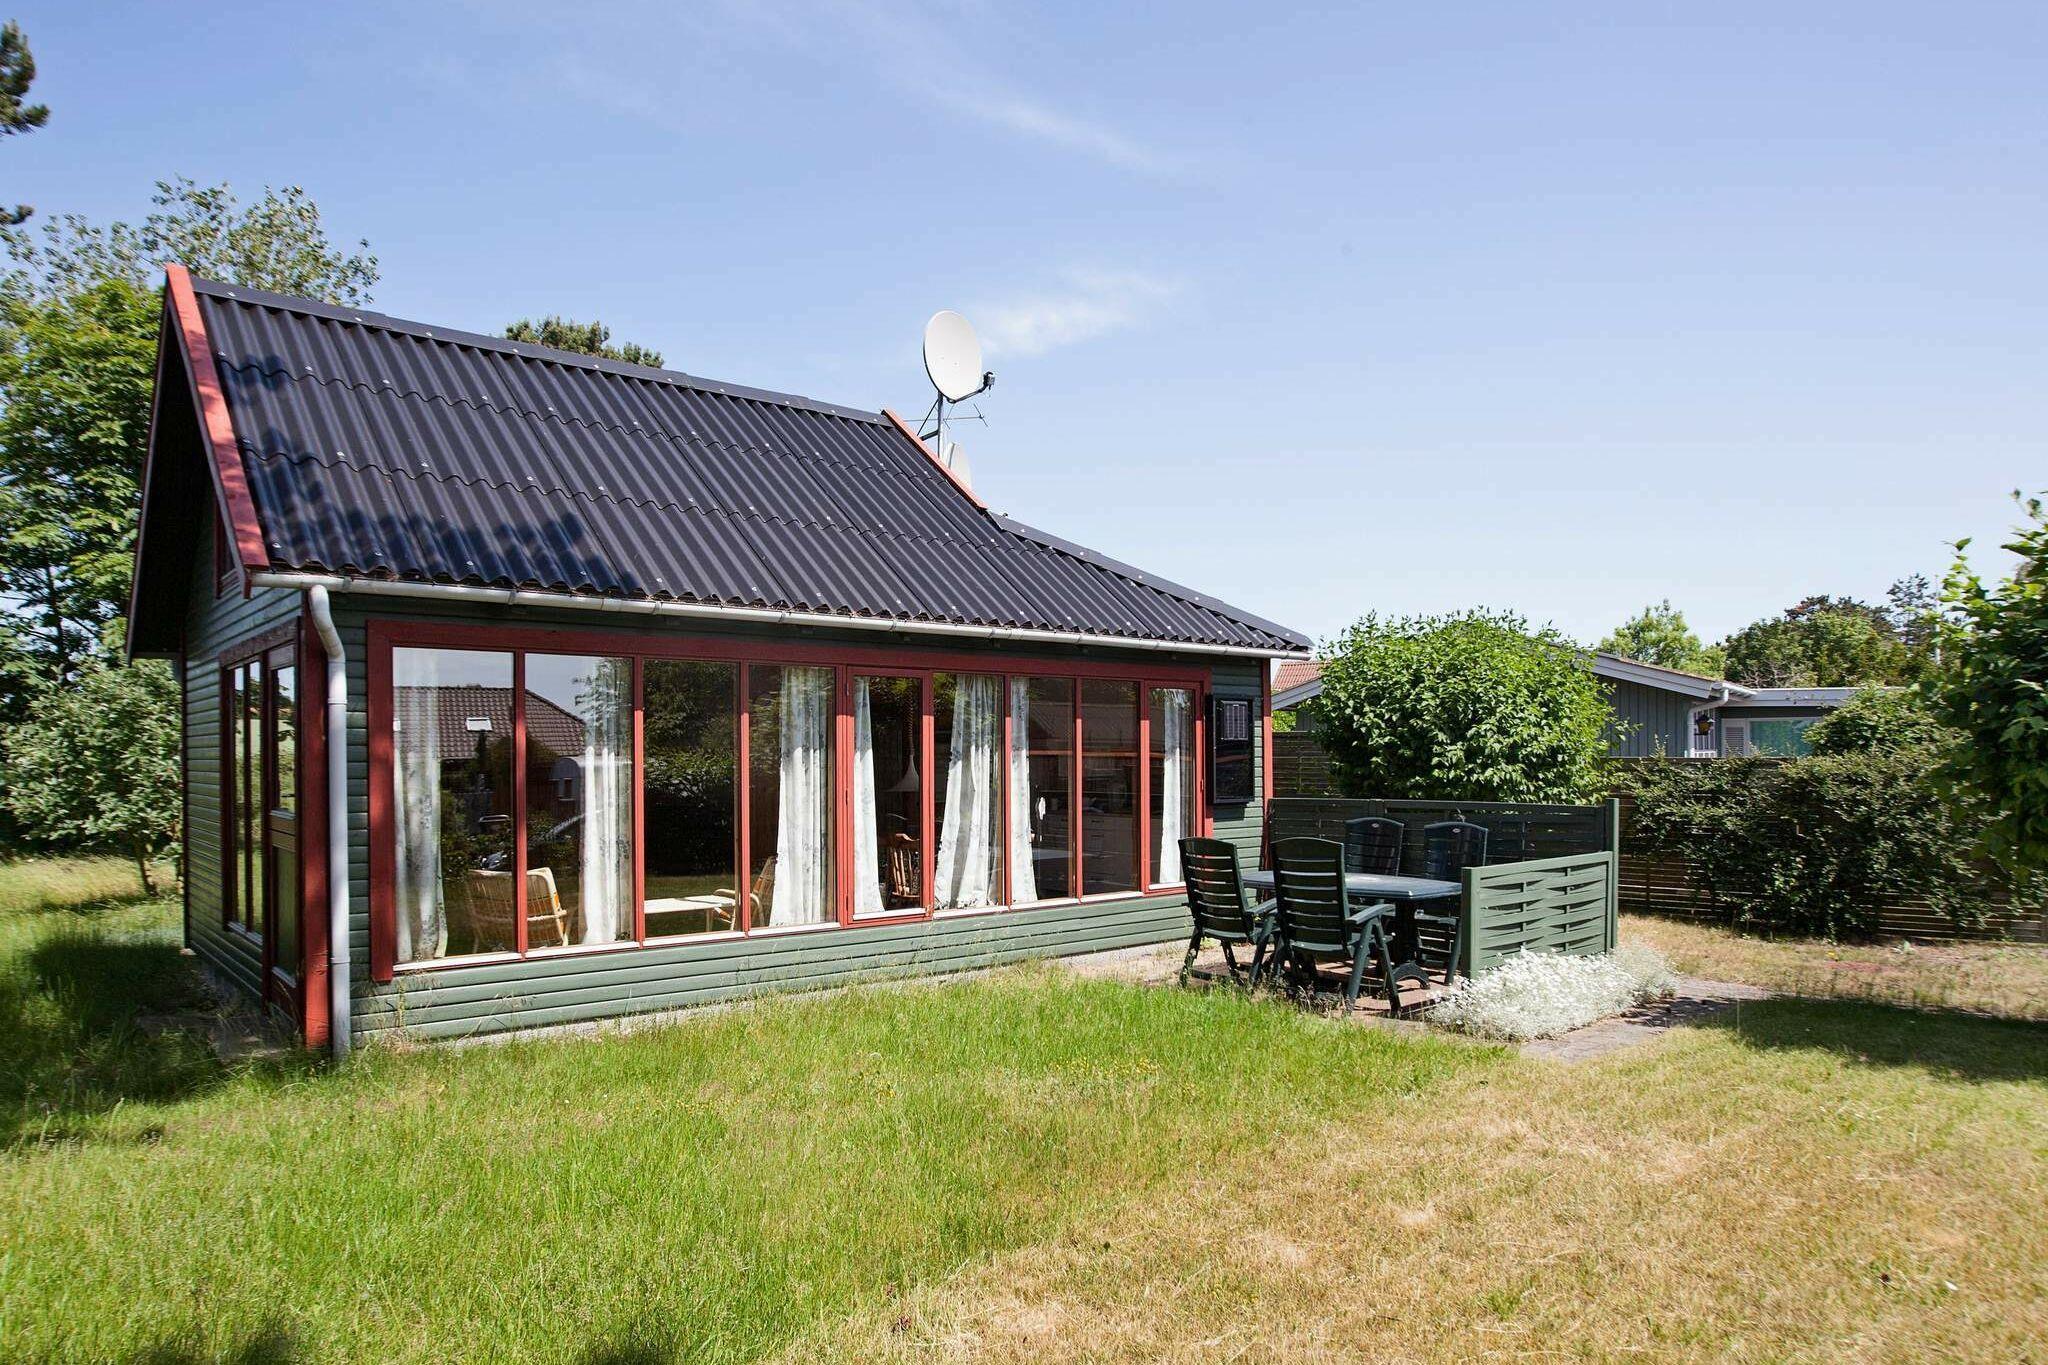 Ferienhaus in Store Fuglede für 6 Personen